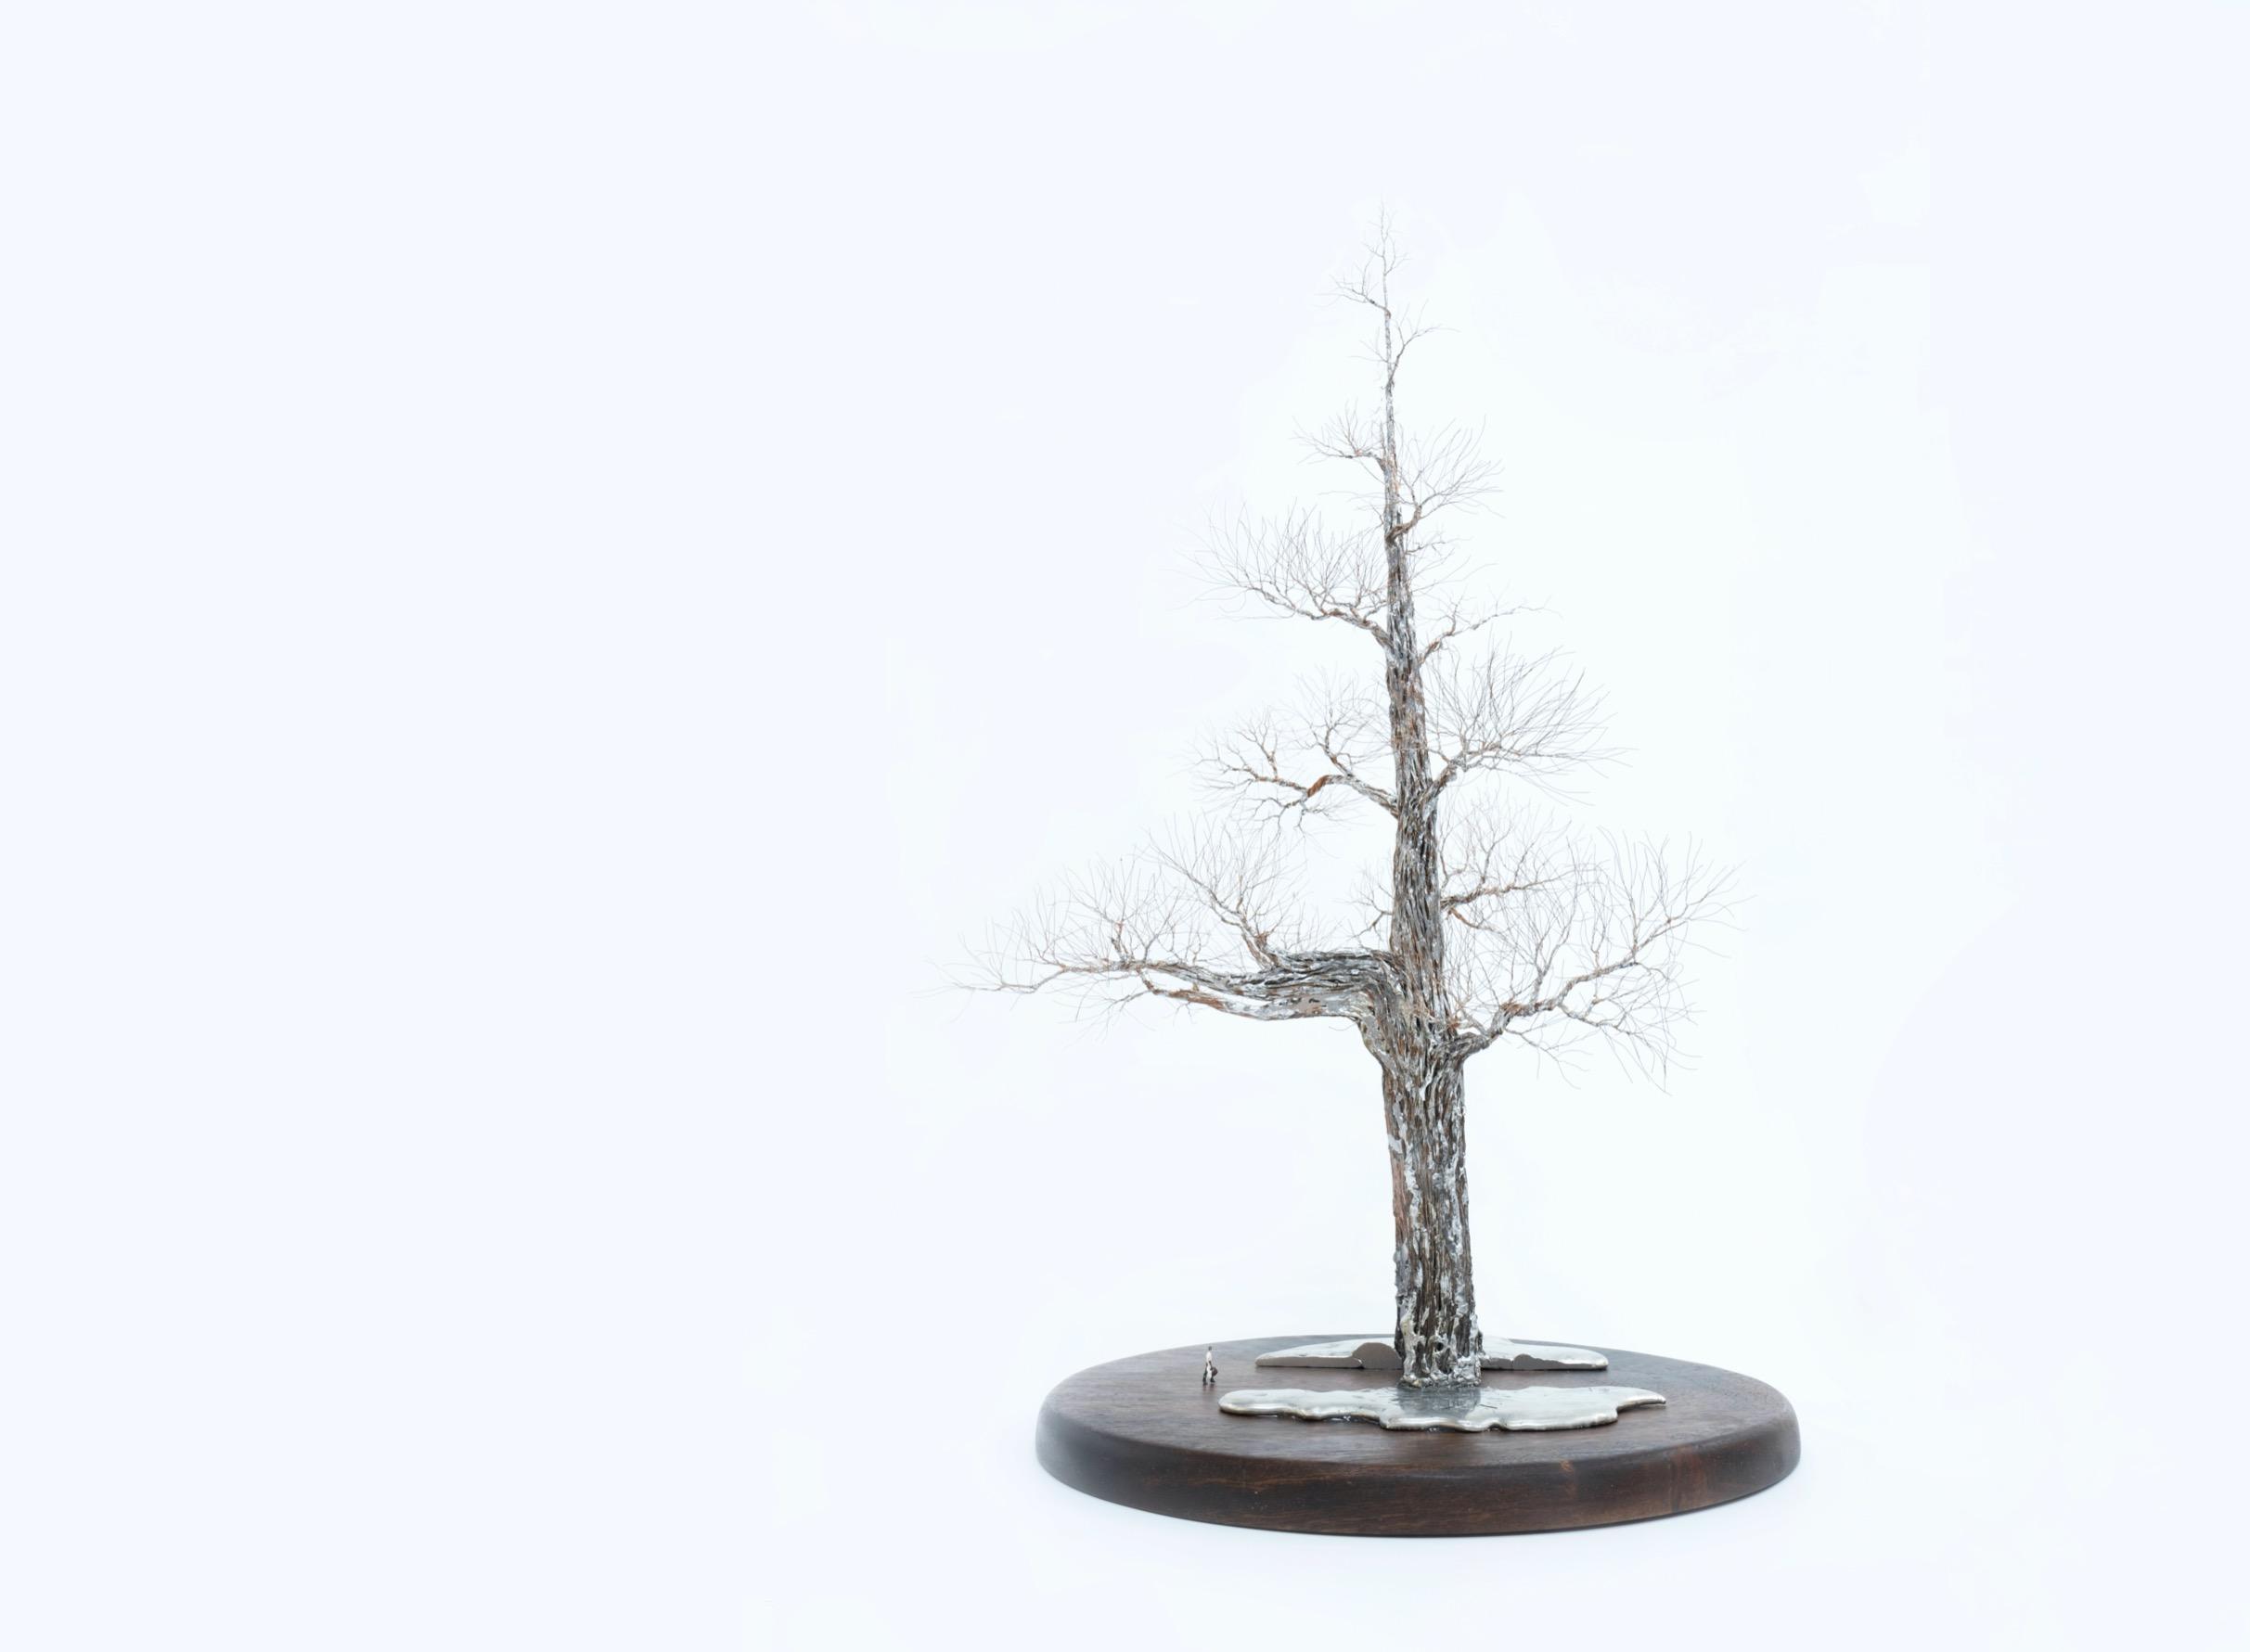 大樹底下好遮蔭?A Tree Protects?XXX (detail)